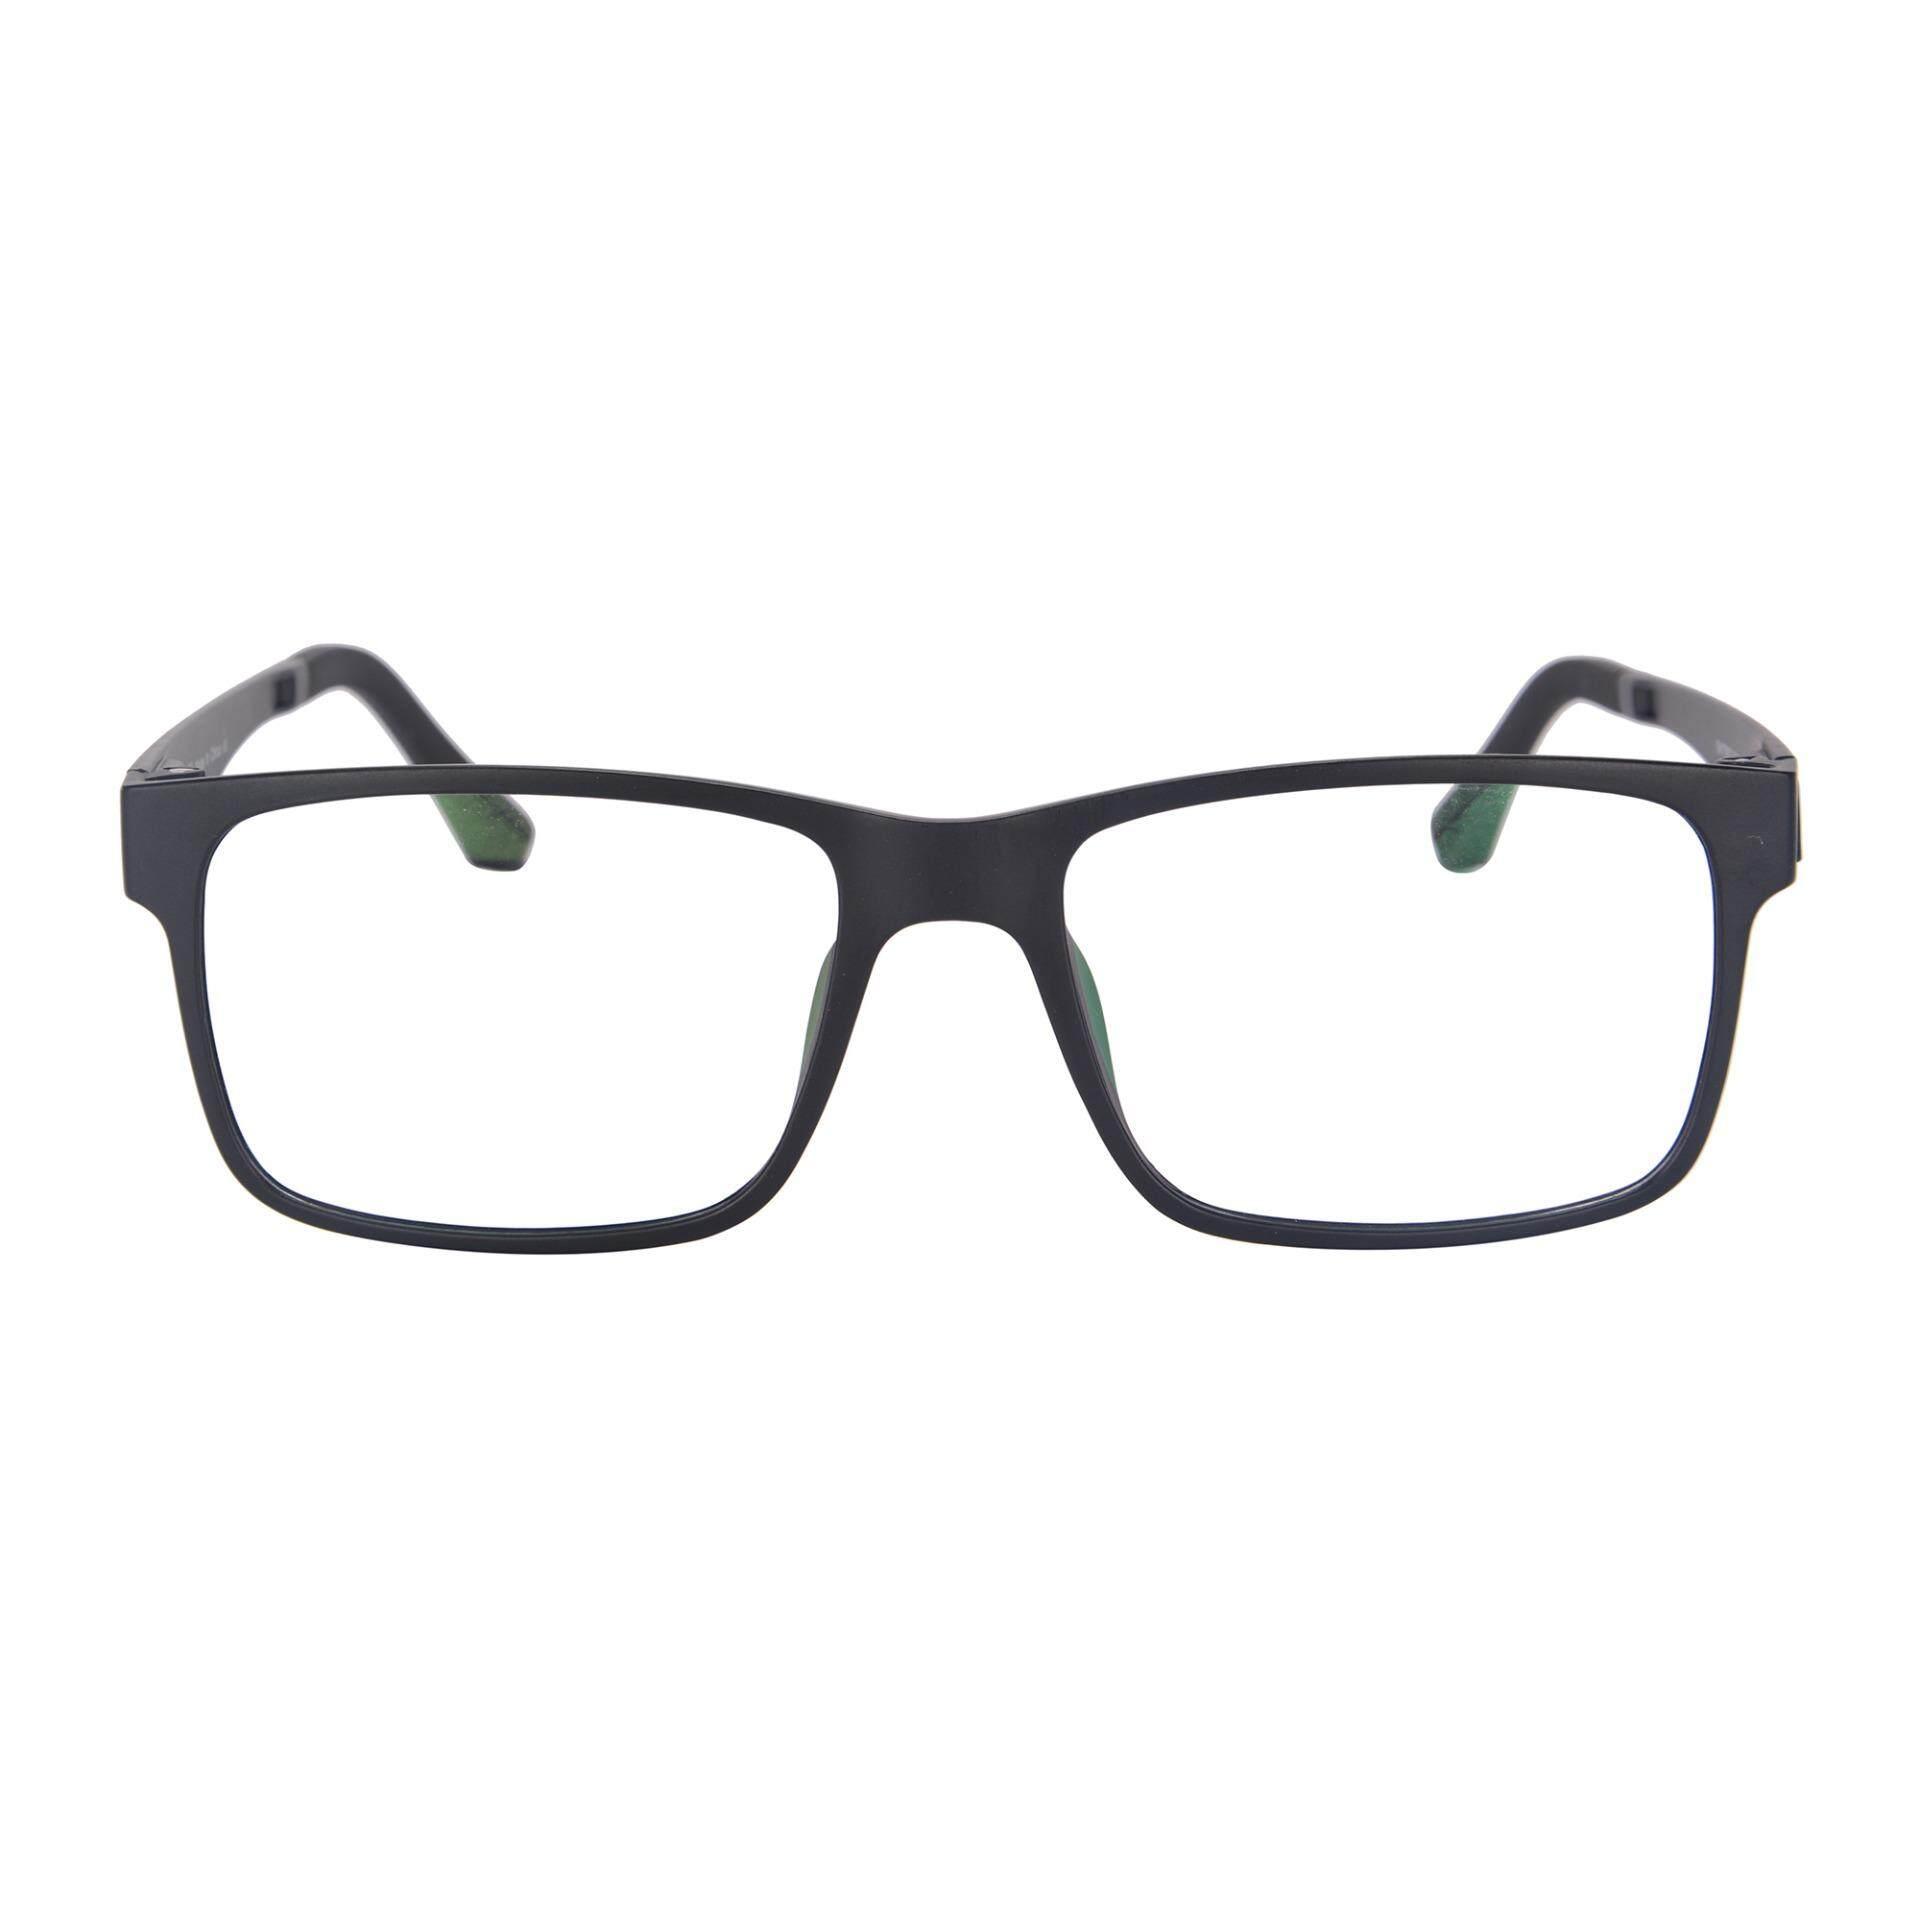 Fitur Shinu Kacamata Hitam Terpolarisasi Resep Tr90 Bingkai Sunglasses Magnet 5 In 1 Optik Magnetik Dengan Abu Klip